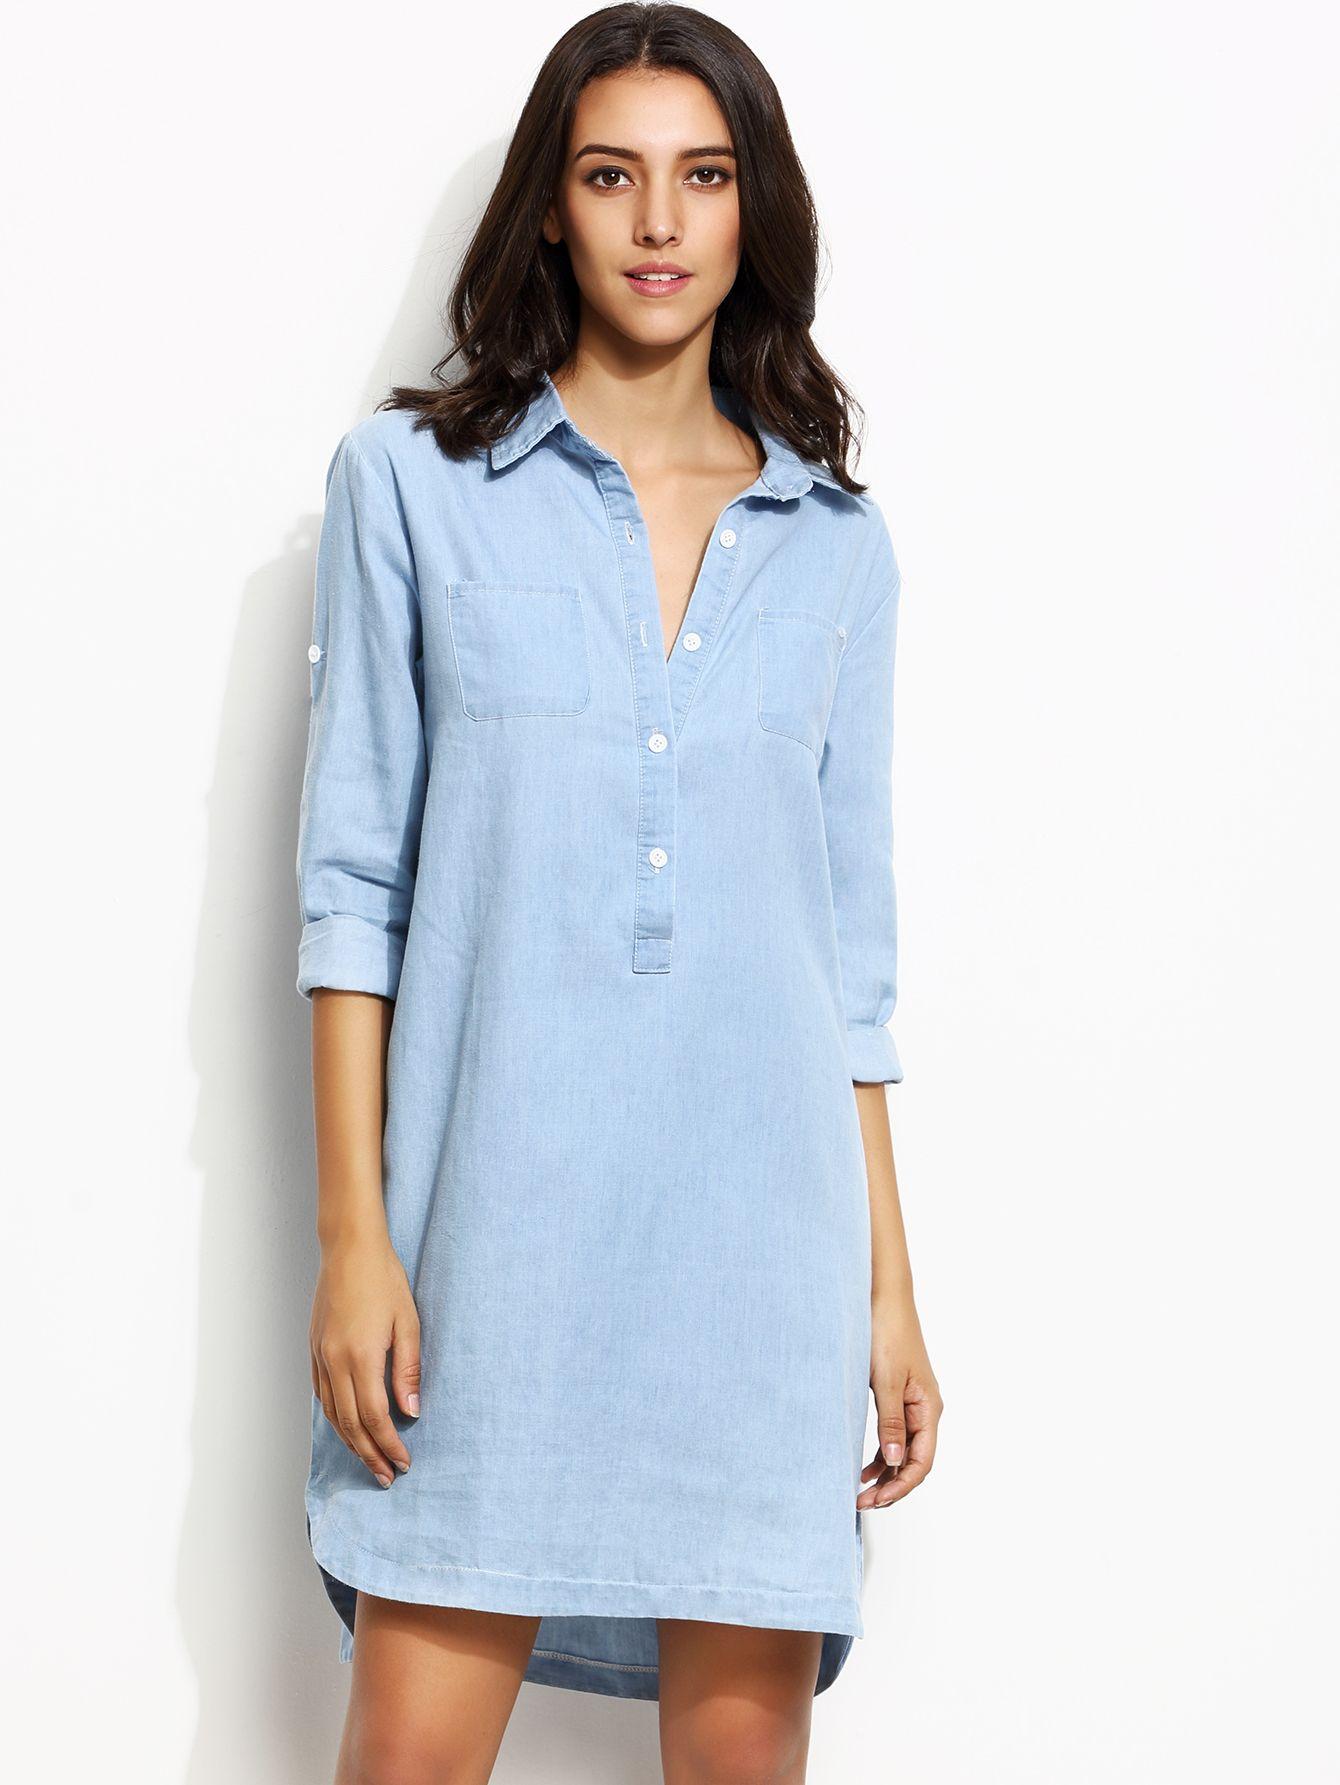 Denim Blusenkleid Saumaufschlag Vorne Kurz Hinten Lang - blau